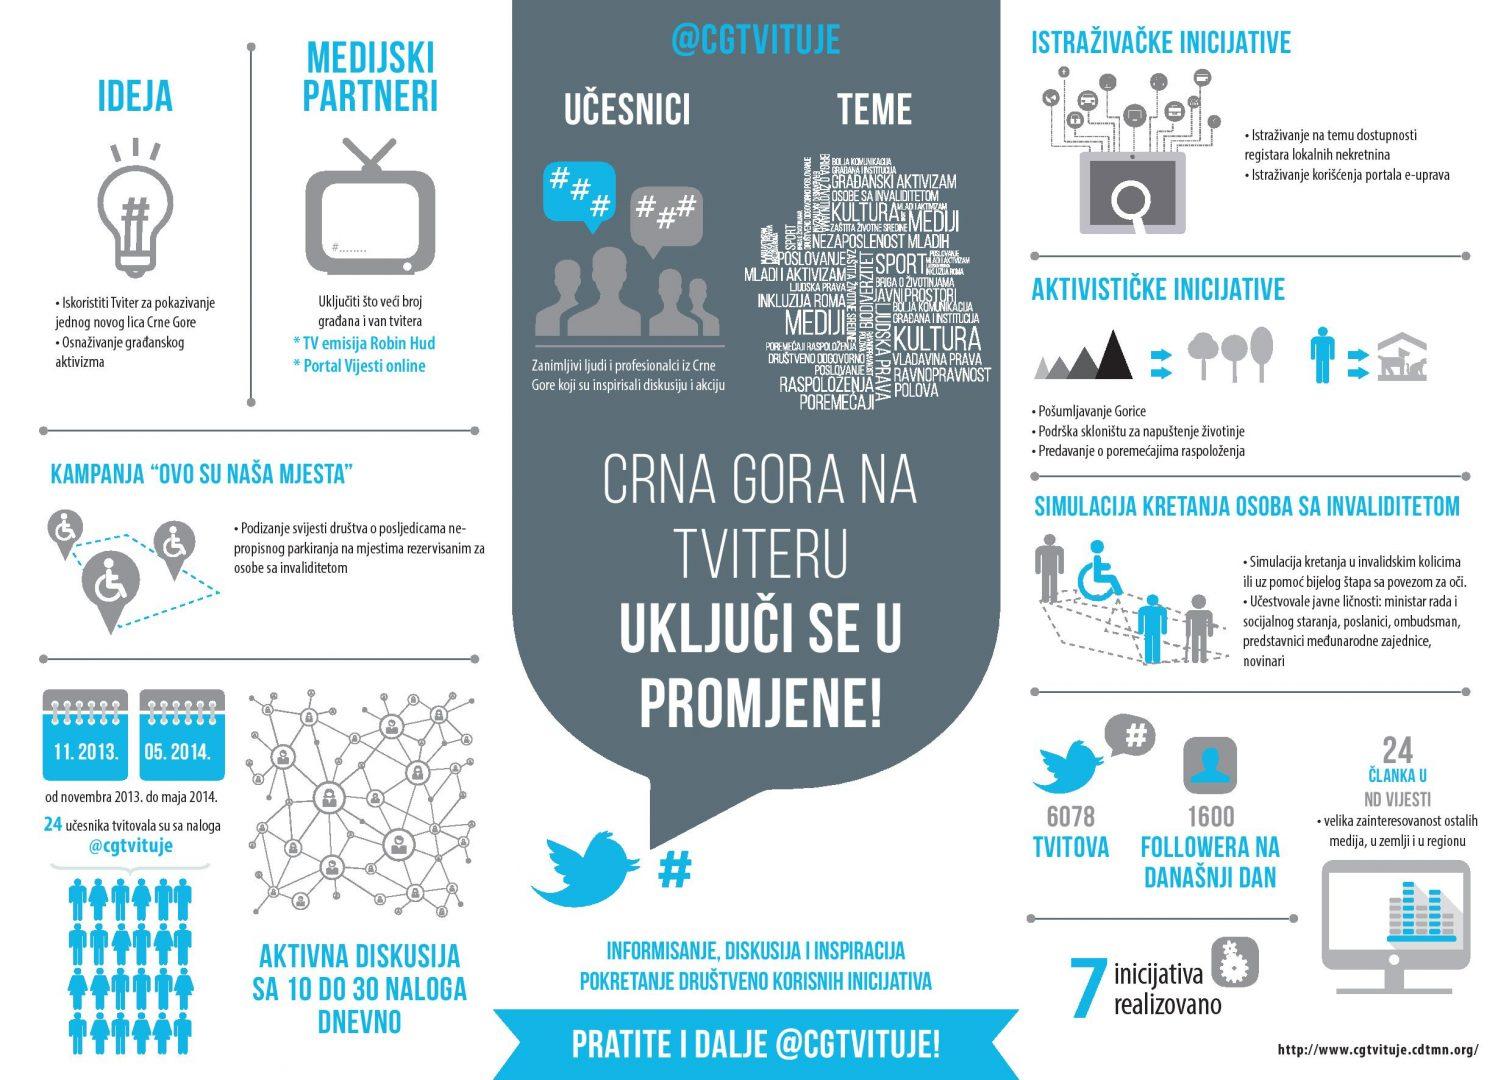 CG twituje infografik mne-page-001